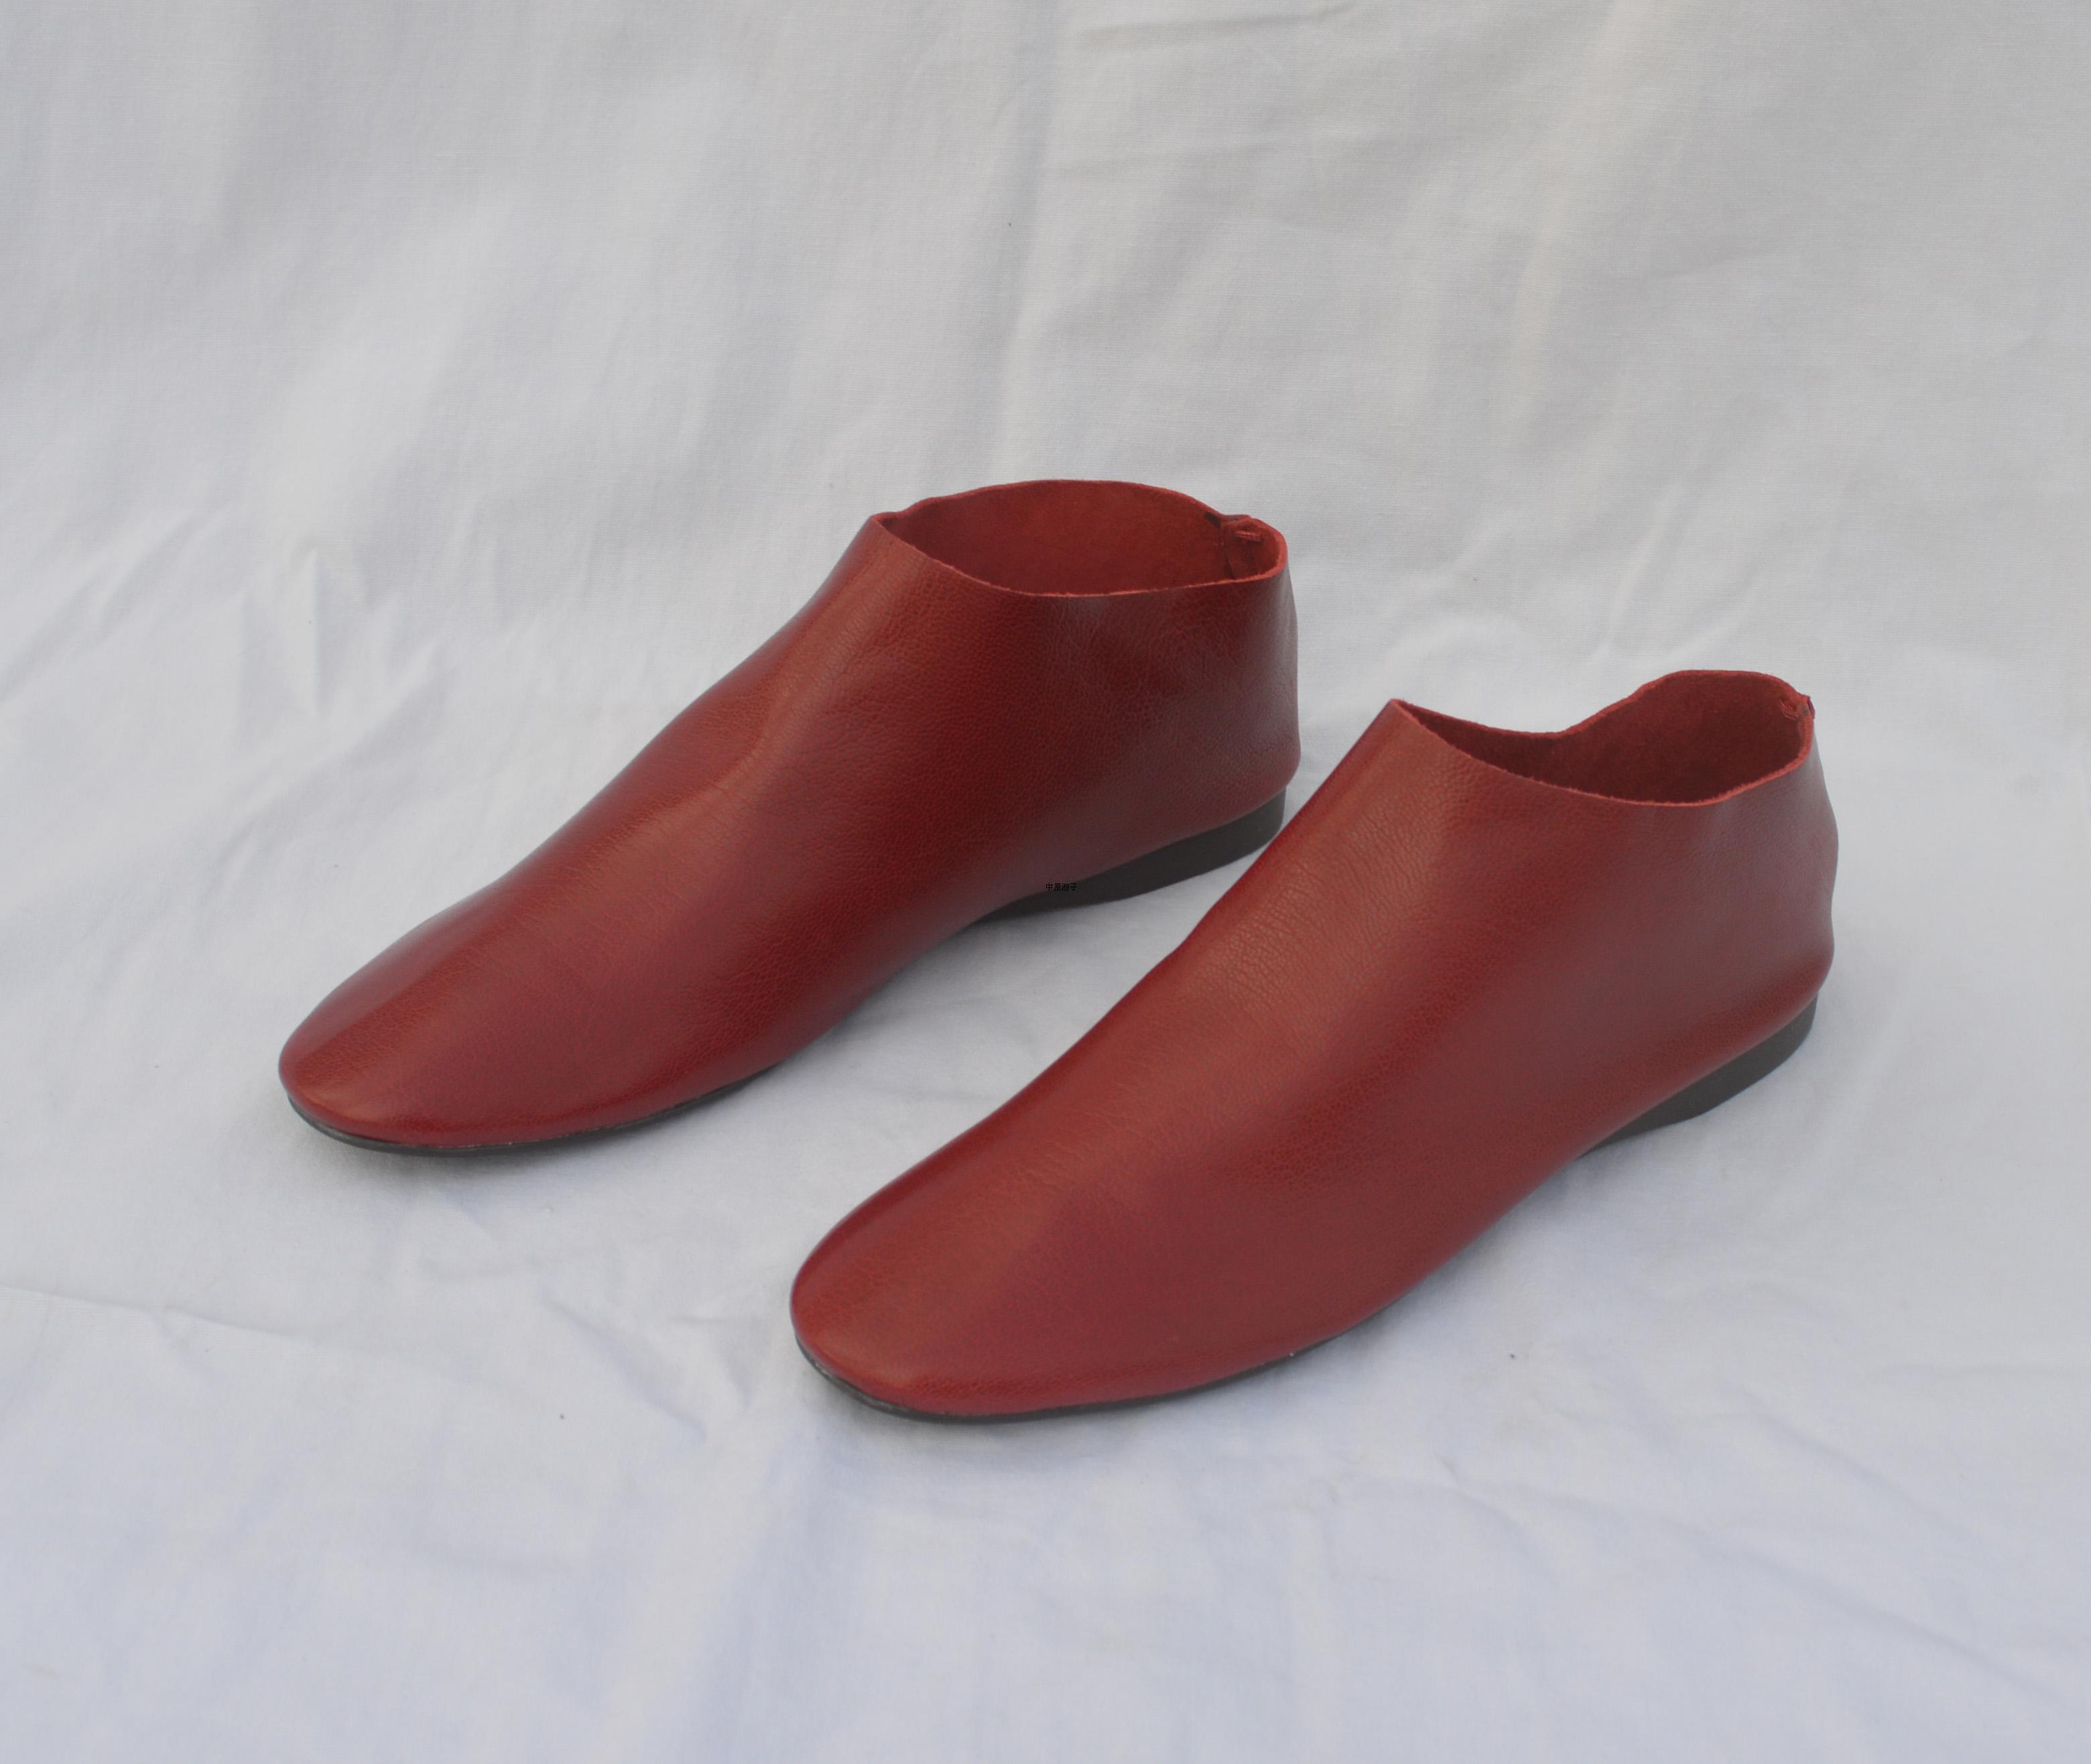 JNBY JNBY супер мягкой овчины плоские туфли и удобная Повседневная обувь от Kupinatao